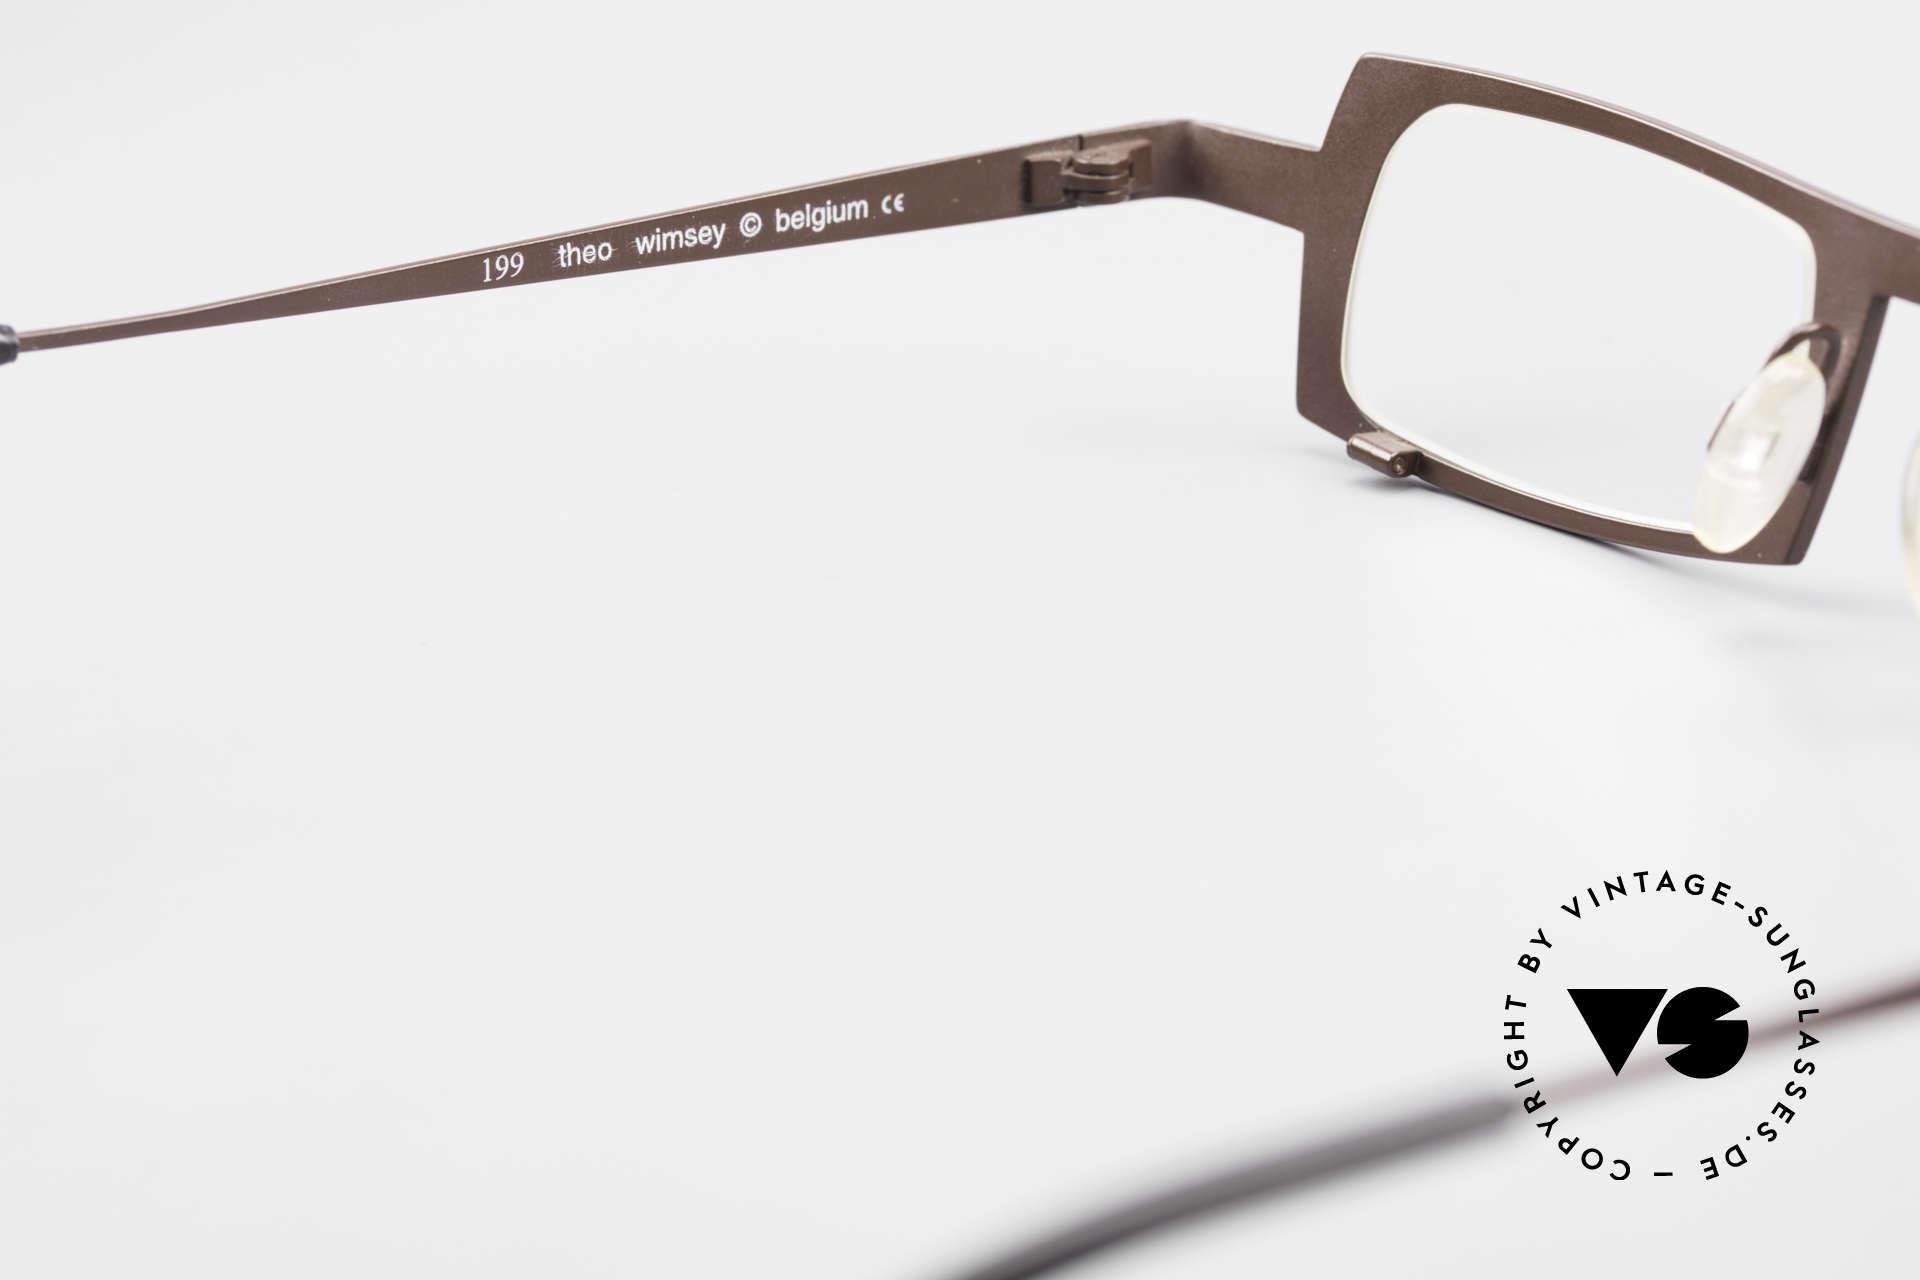 Theo Belgium Wimsey Eckige Herrenbrille Titanium, die Demogläser sollten durch optische ersetzt werden, Passend für Herren